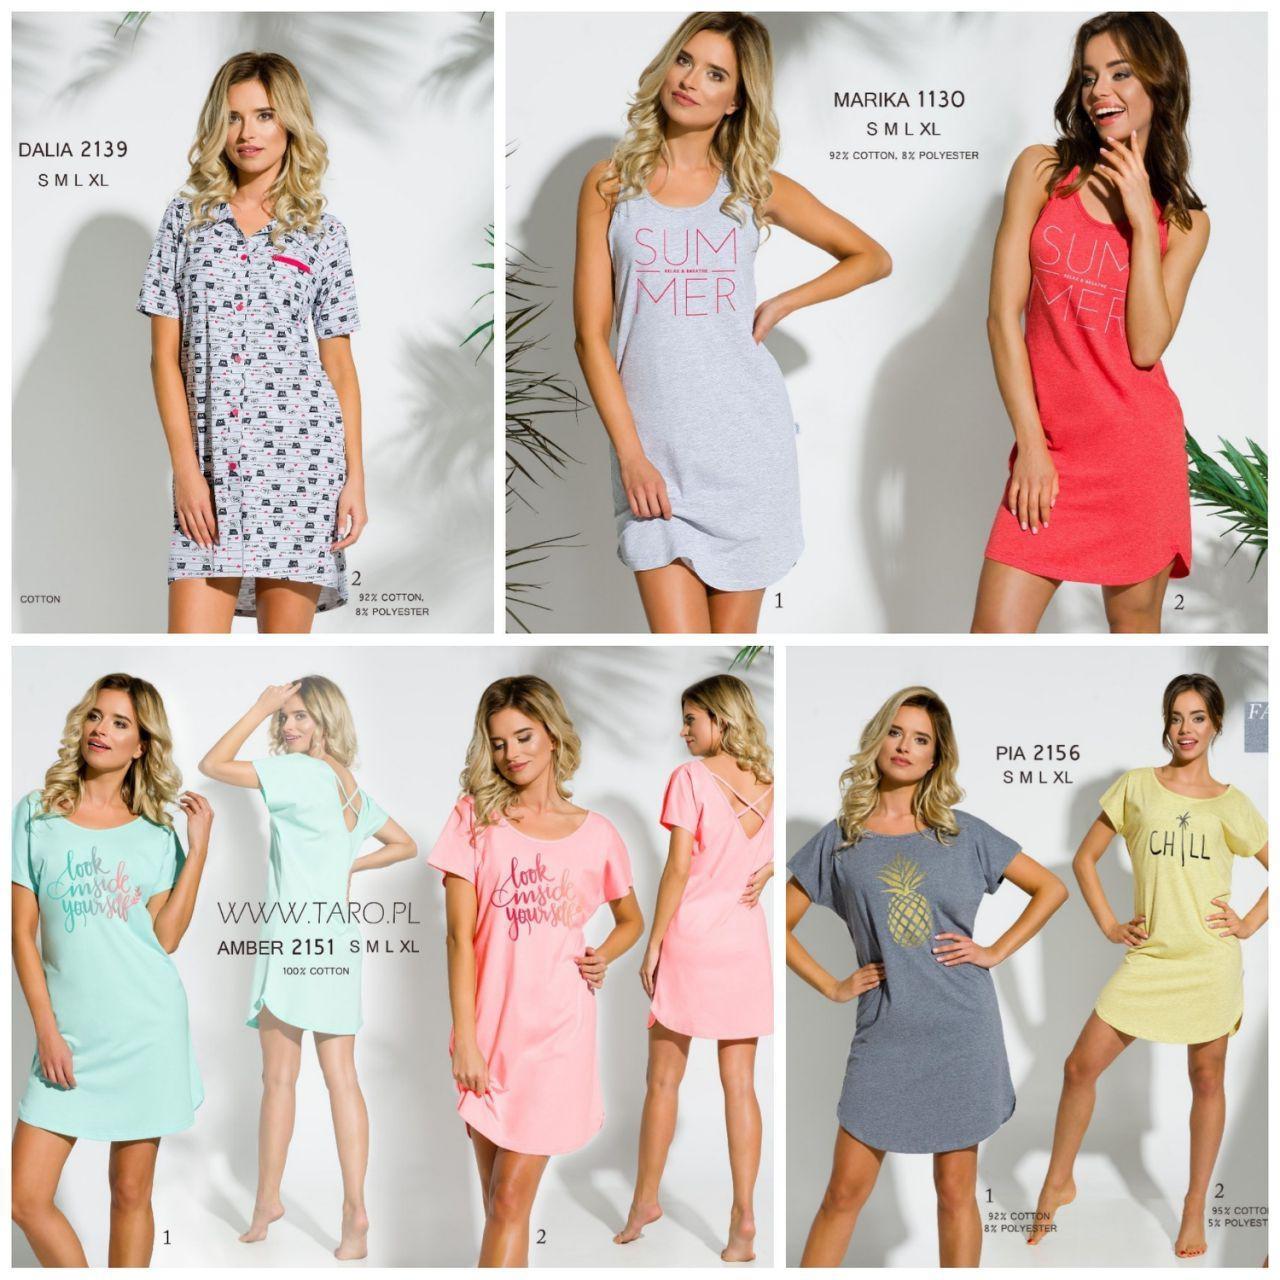 Женские сорочки, пижамы, халаты, комплекты Taro купить интернет-магазин